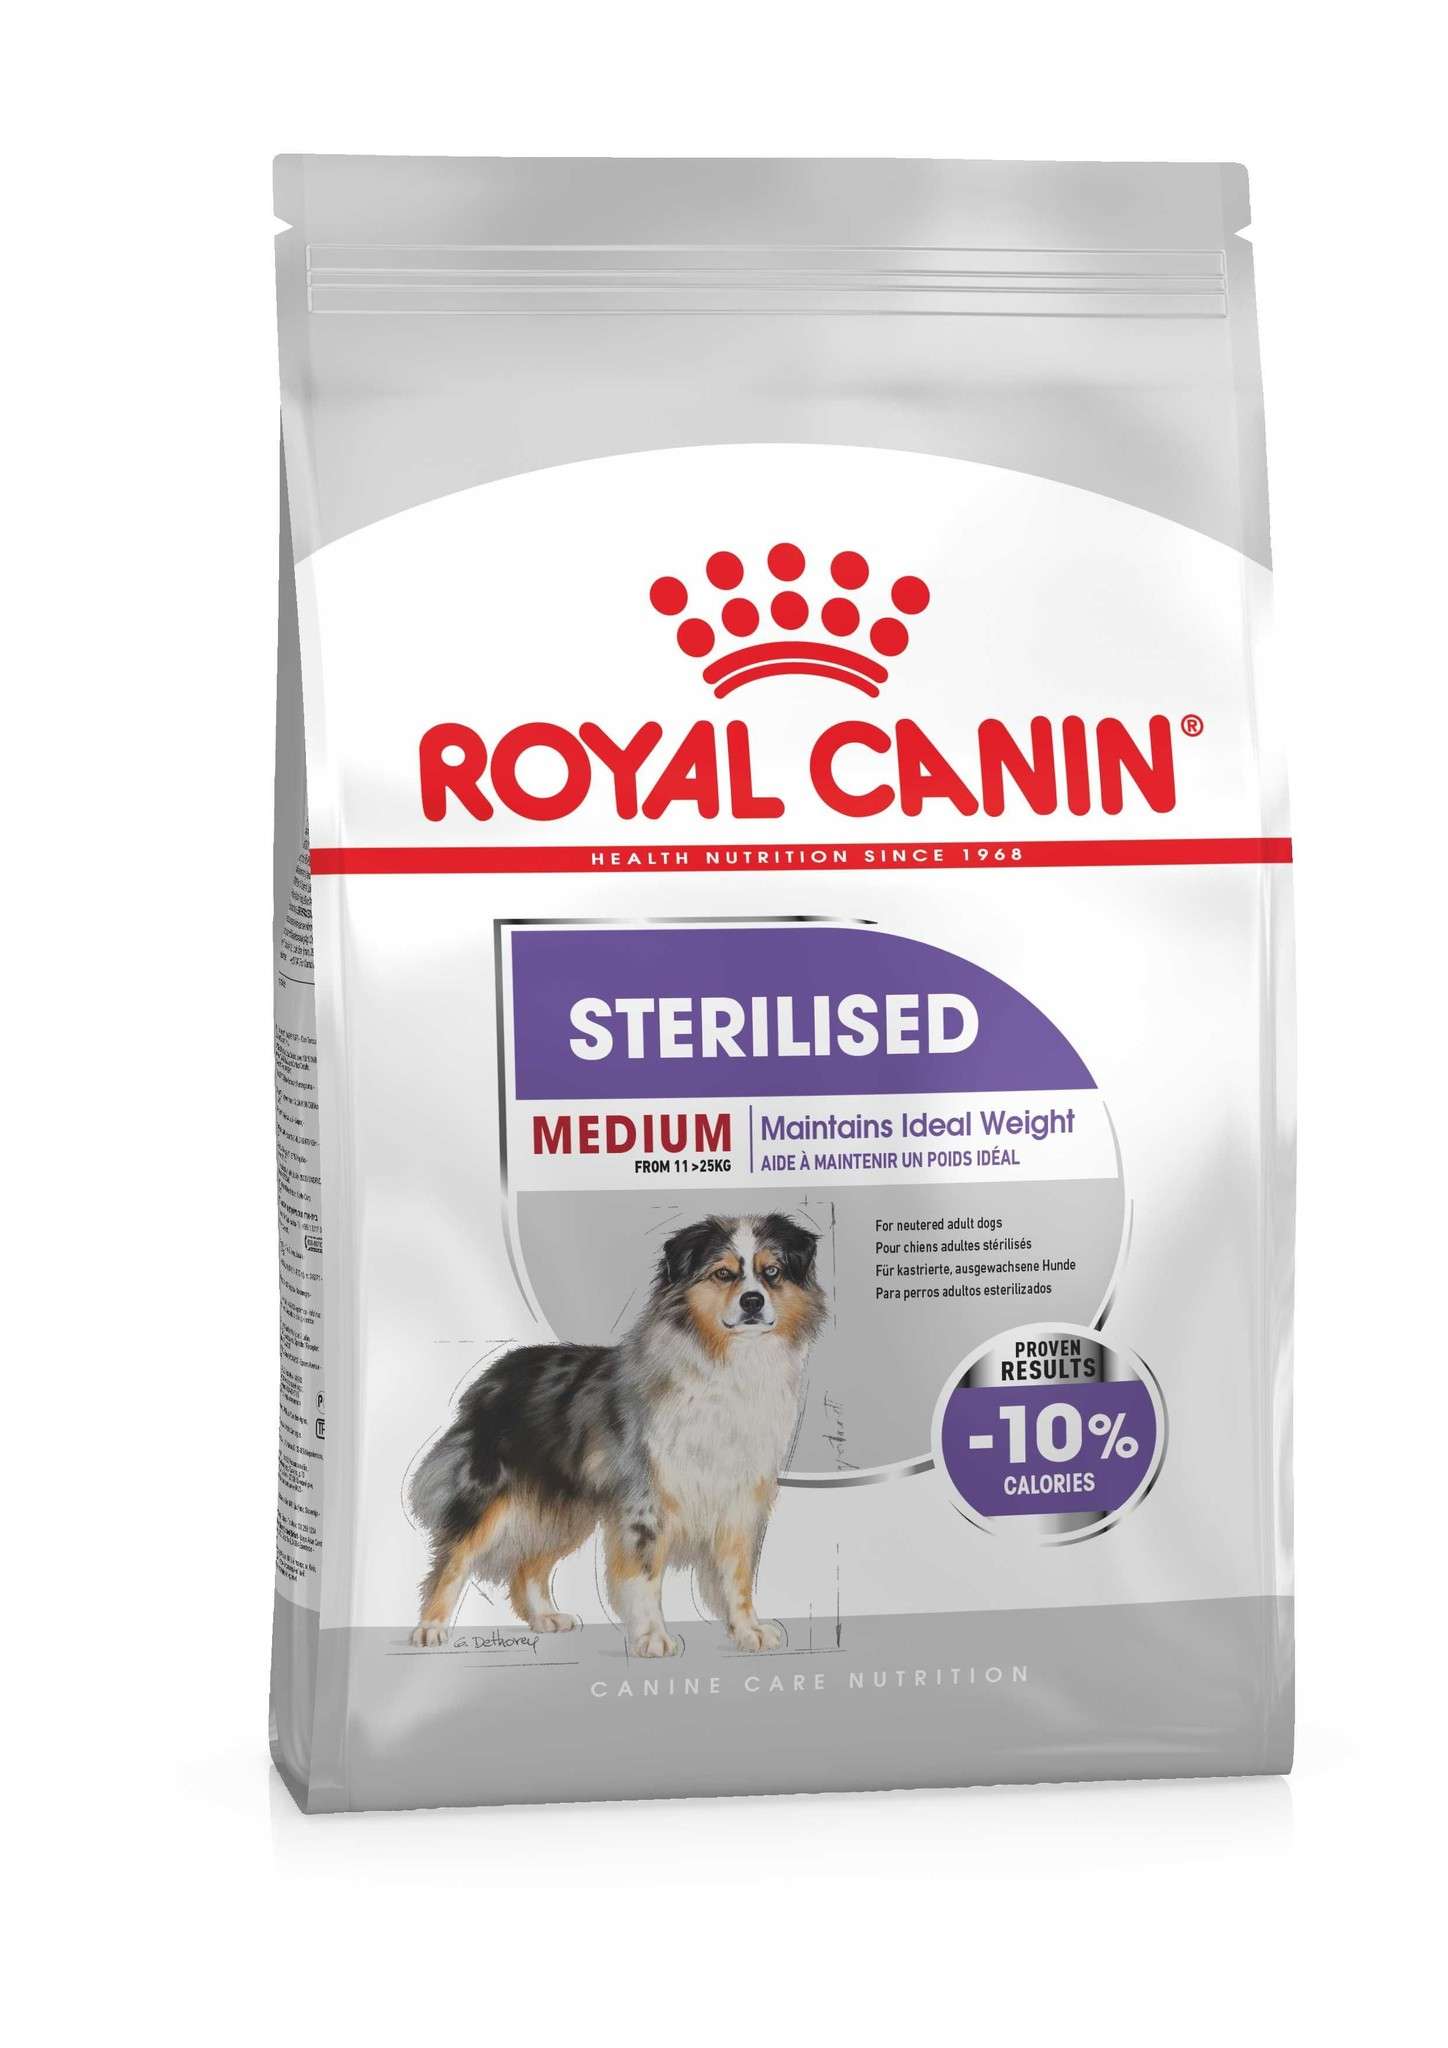 Royal canin sterilised medium 3kg